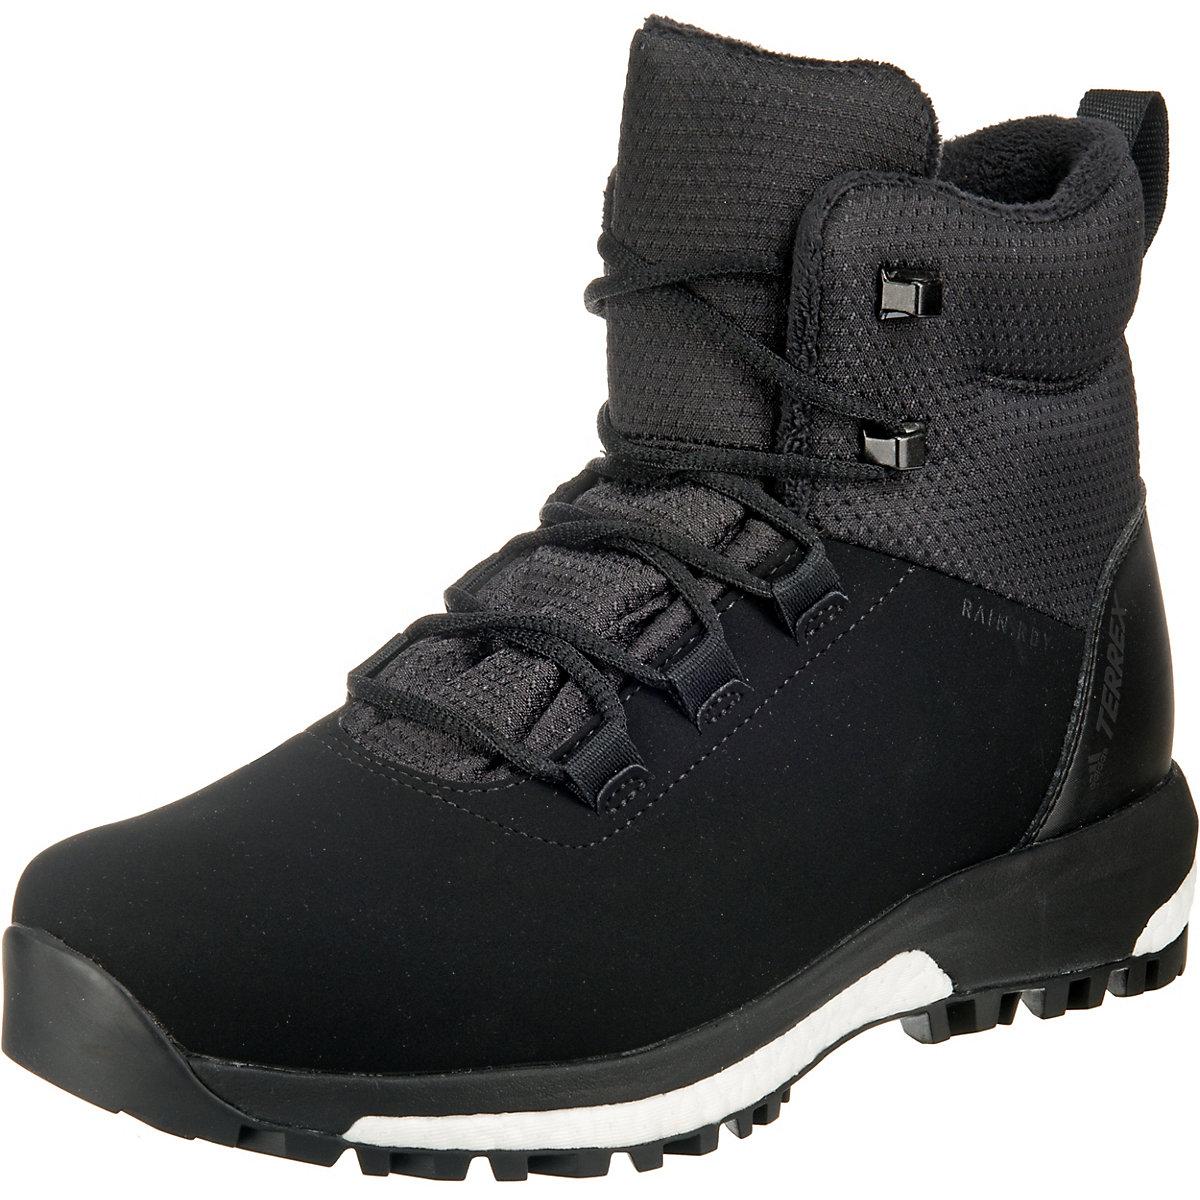 Adidas Performance, TERREX PATHMAKER CP Winterstiefeletten, schwarz  Gute Qualität beliebte Schuhe